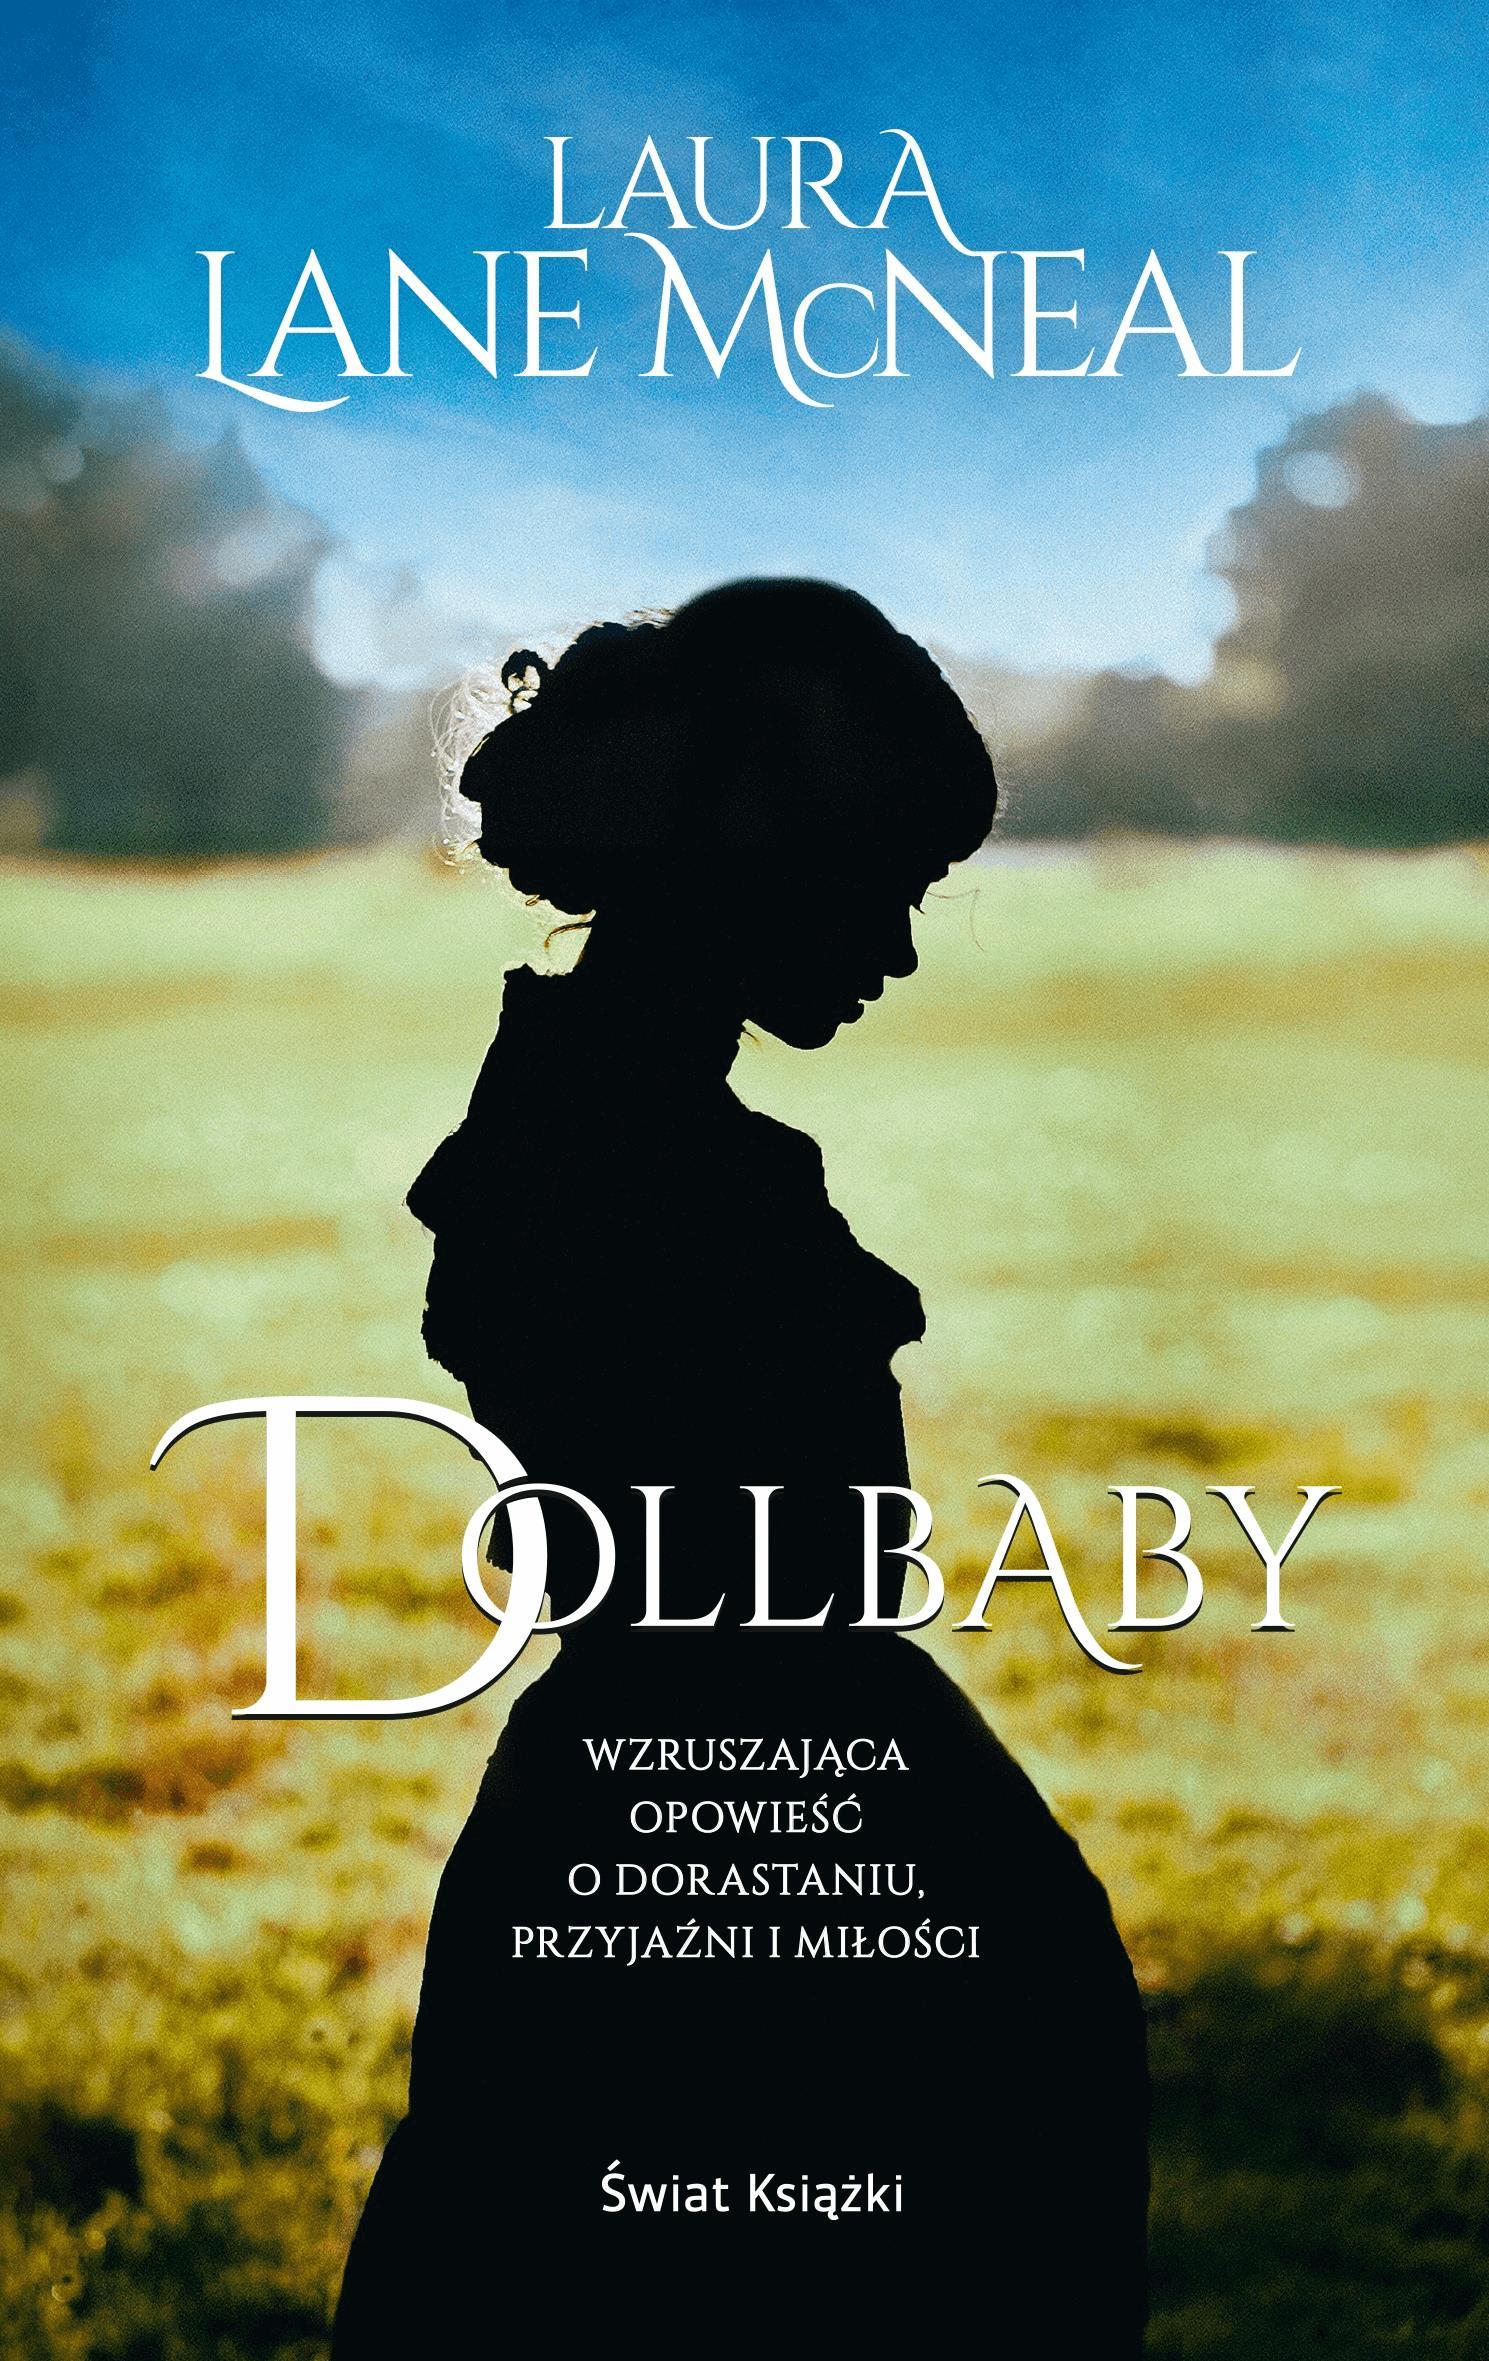 Dollbaby - Tylko w Legimi możesz przeczytać ten tytuł przez 7 dni za darmo. - Laura Lane McNeal